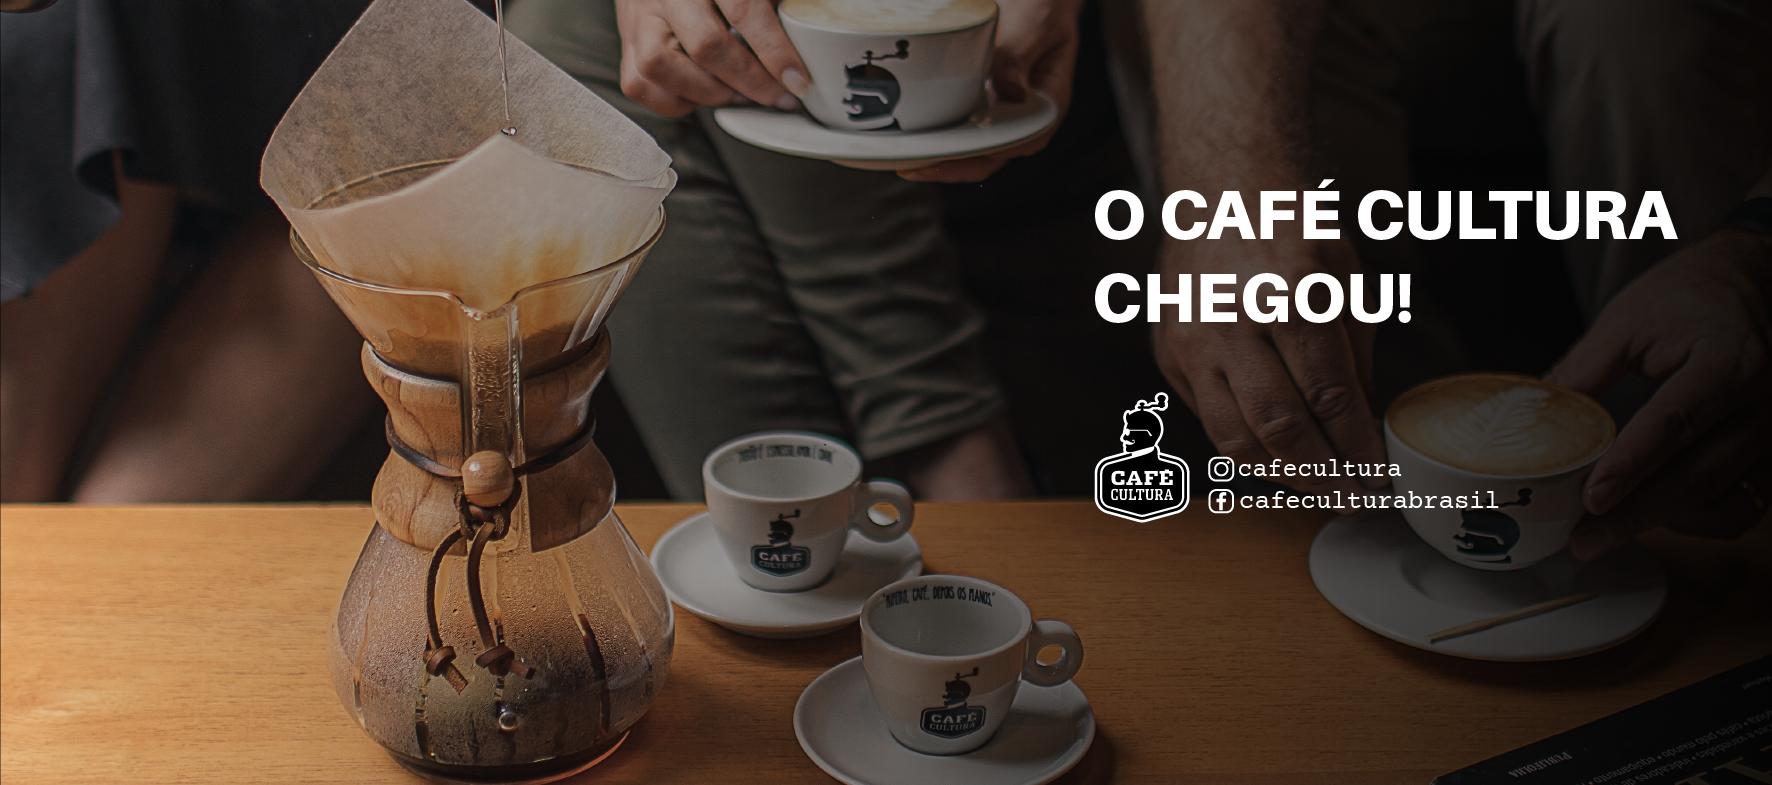 Café Cultura no Pátio 24